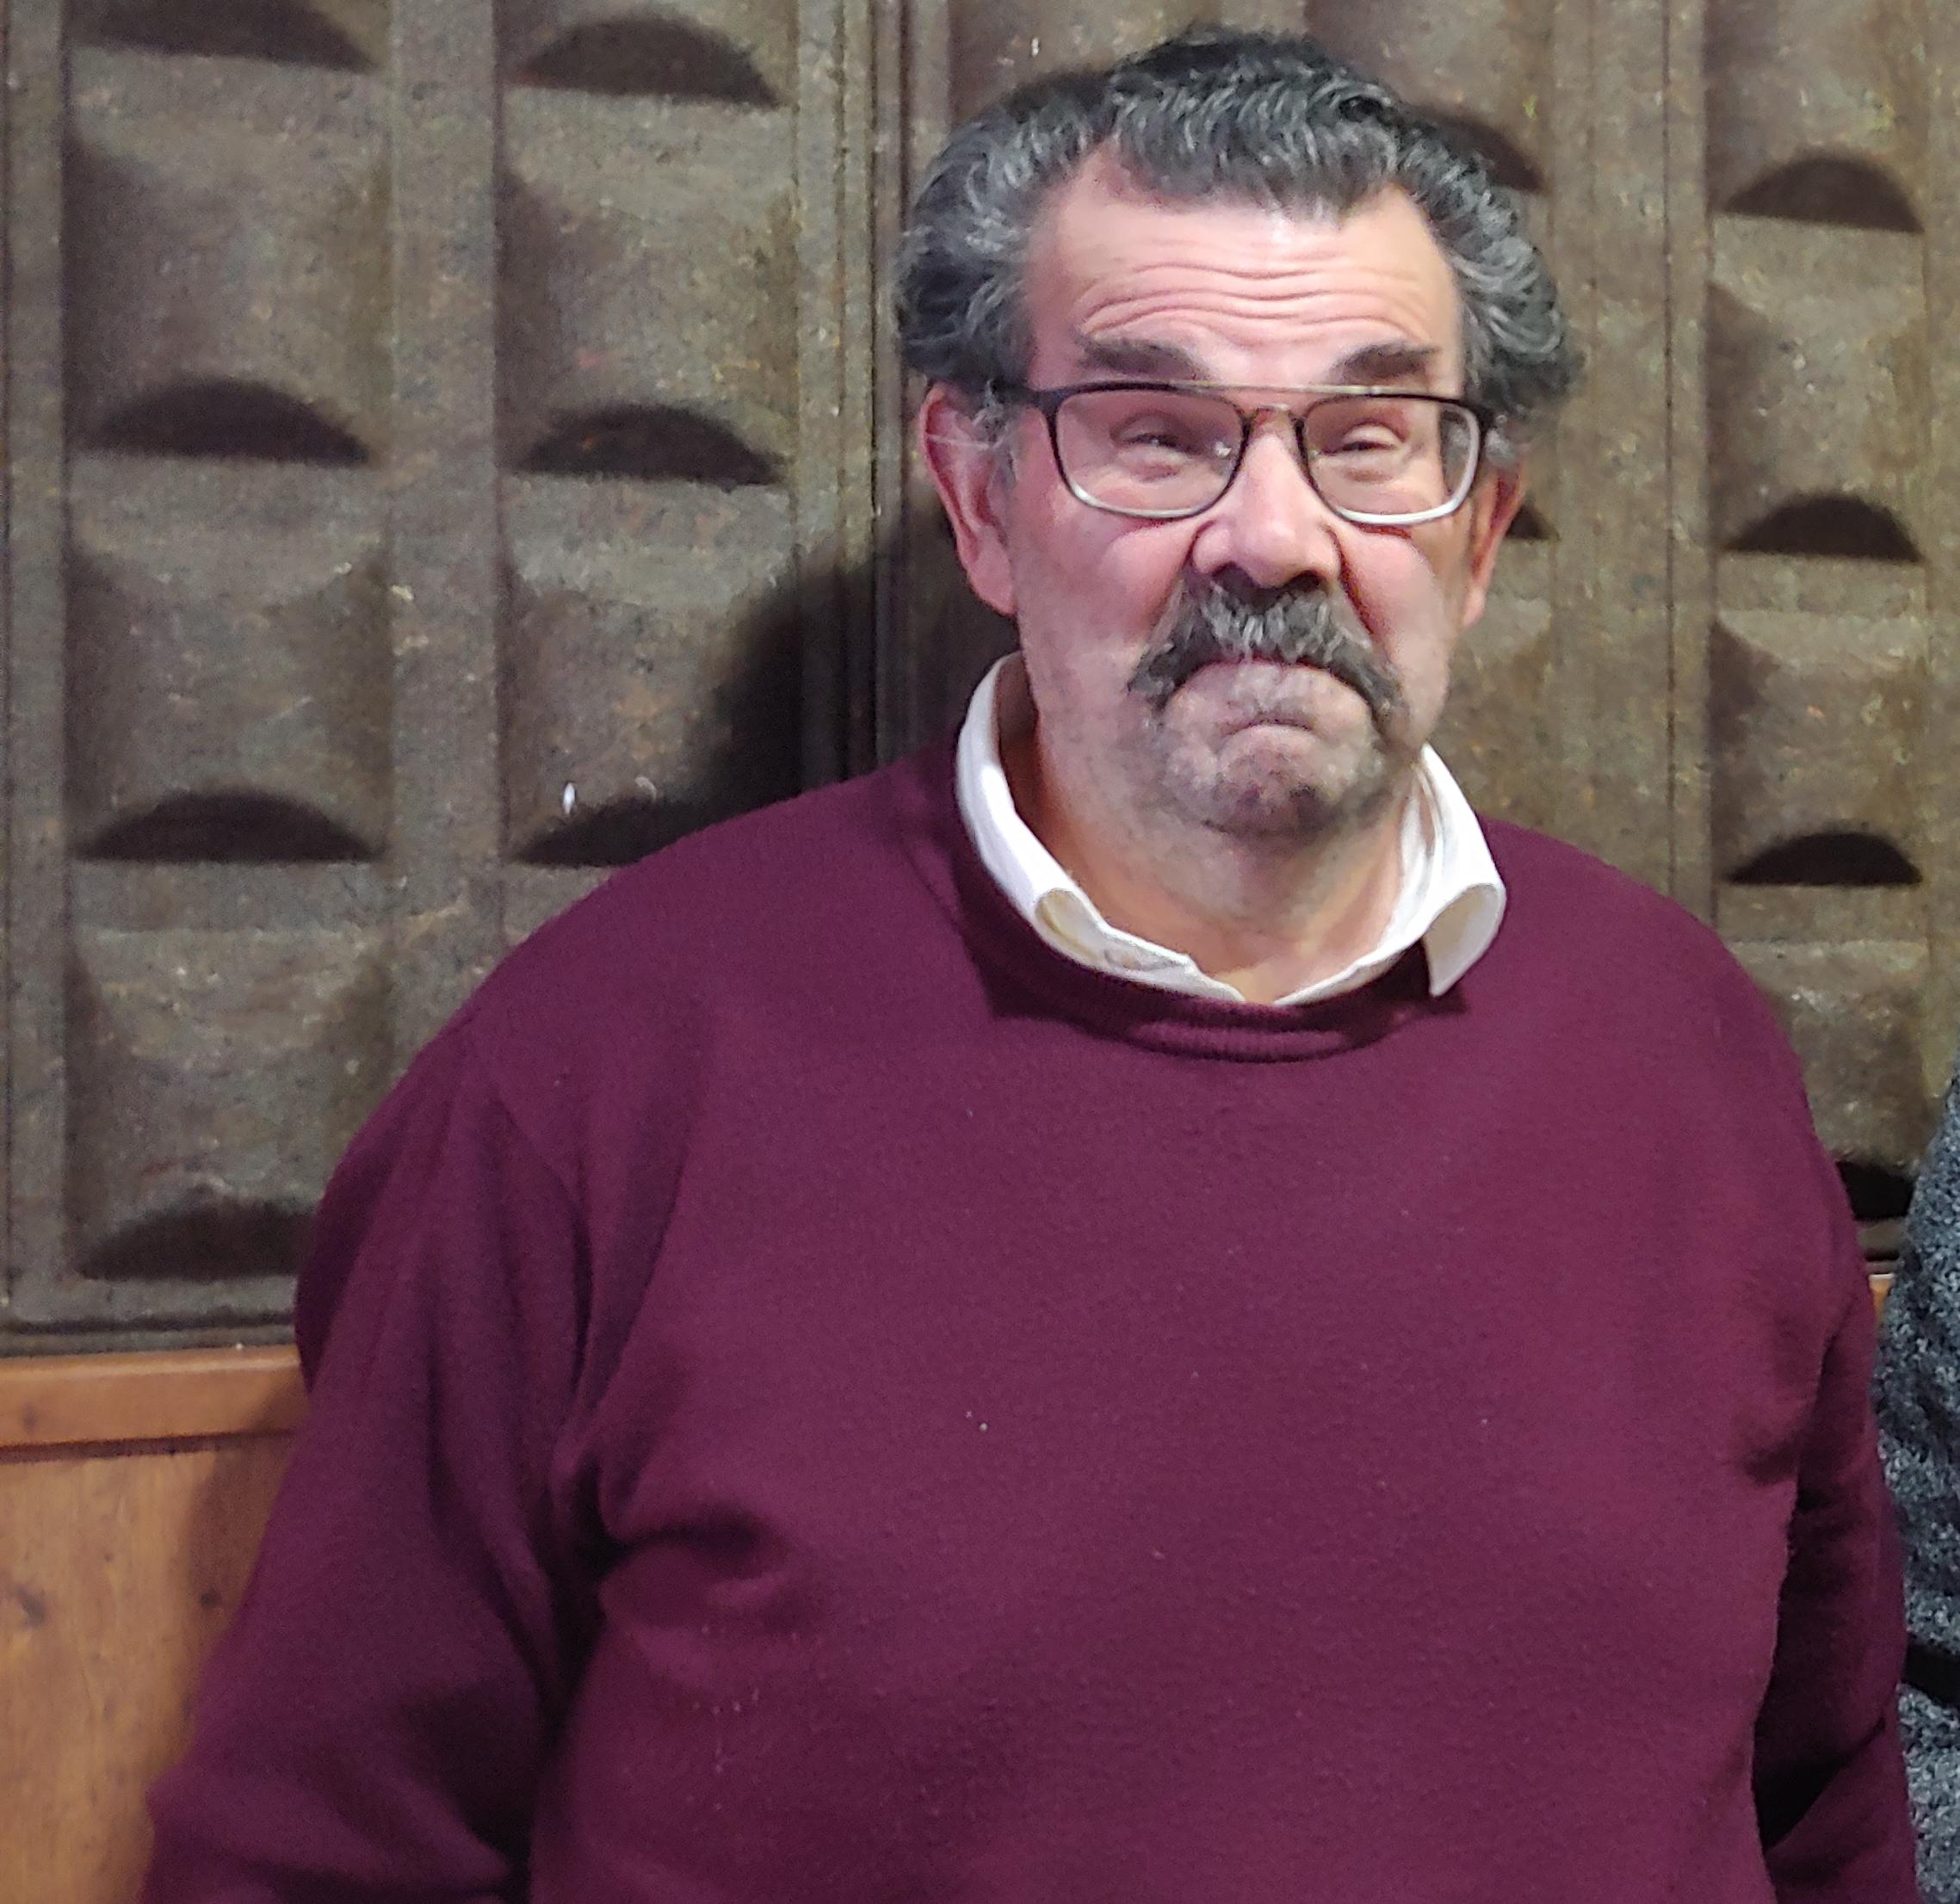 Queremos Saber 21-05-2020 José Manuel López Martín, Presidente Asociacion Nueva Huelva